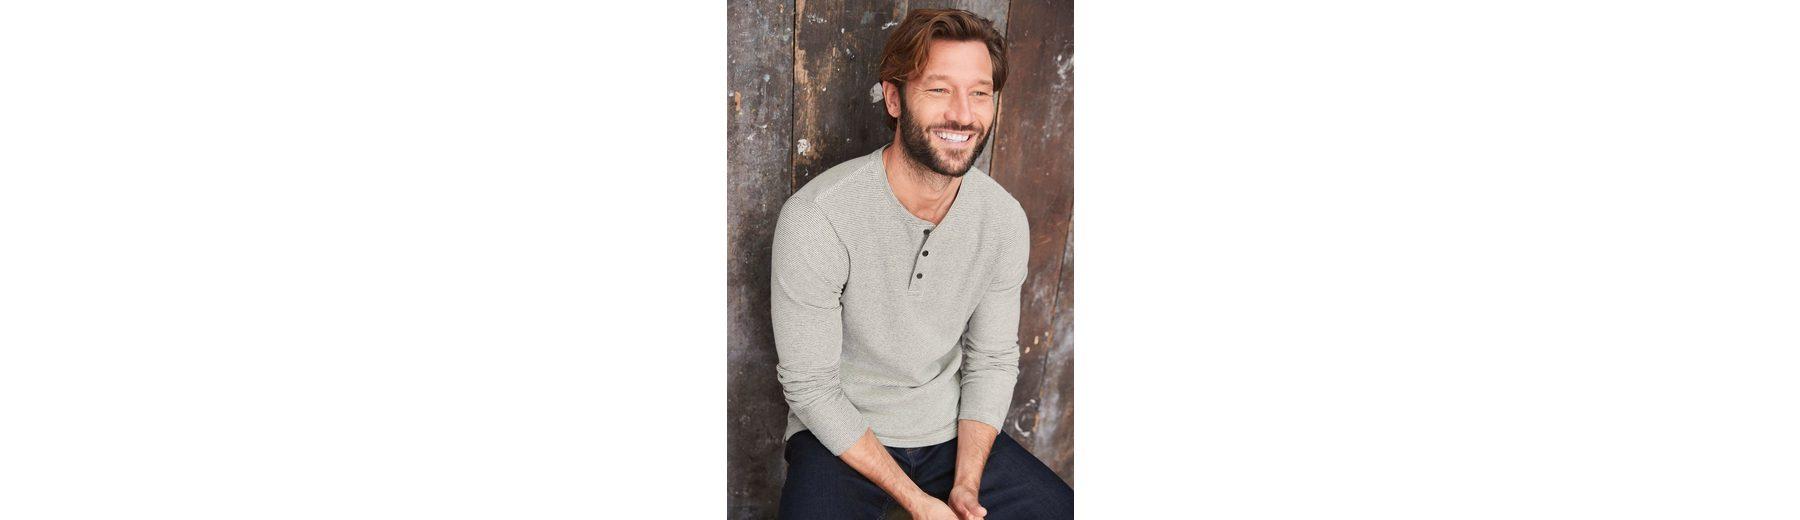 Next Fein gestreiftes Grandad-Shirt mit langen Ärmeln Steckdose Neuesten Schnelle Lieferung Online oBkaTQ